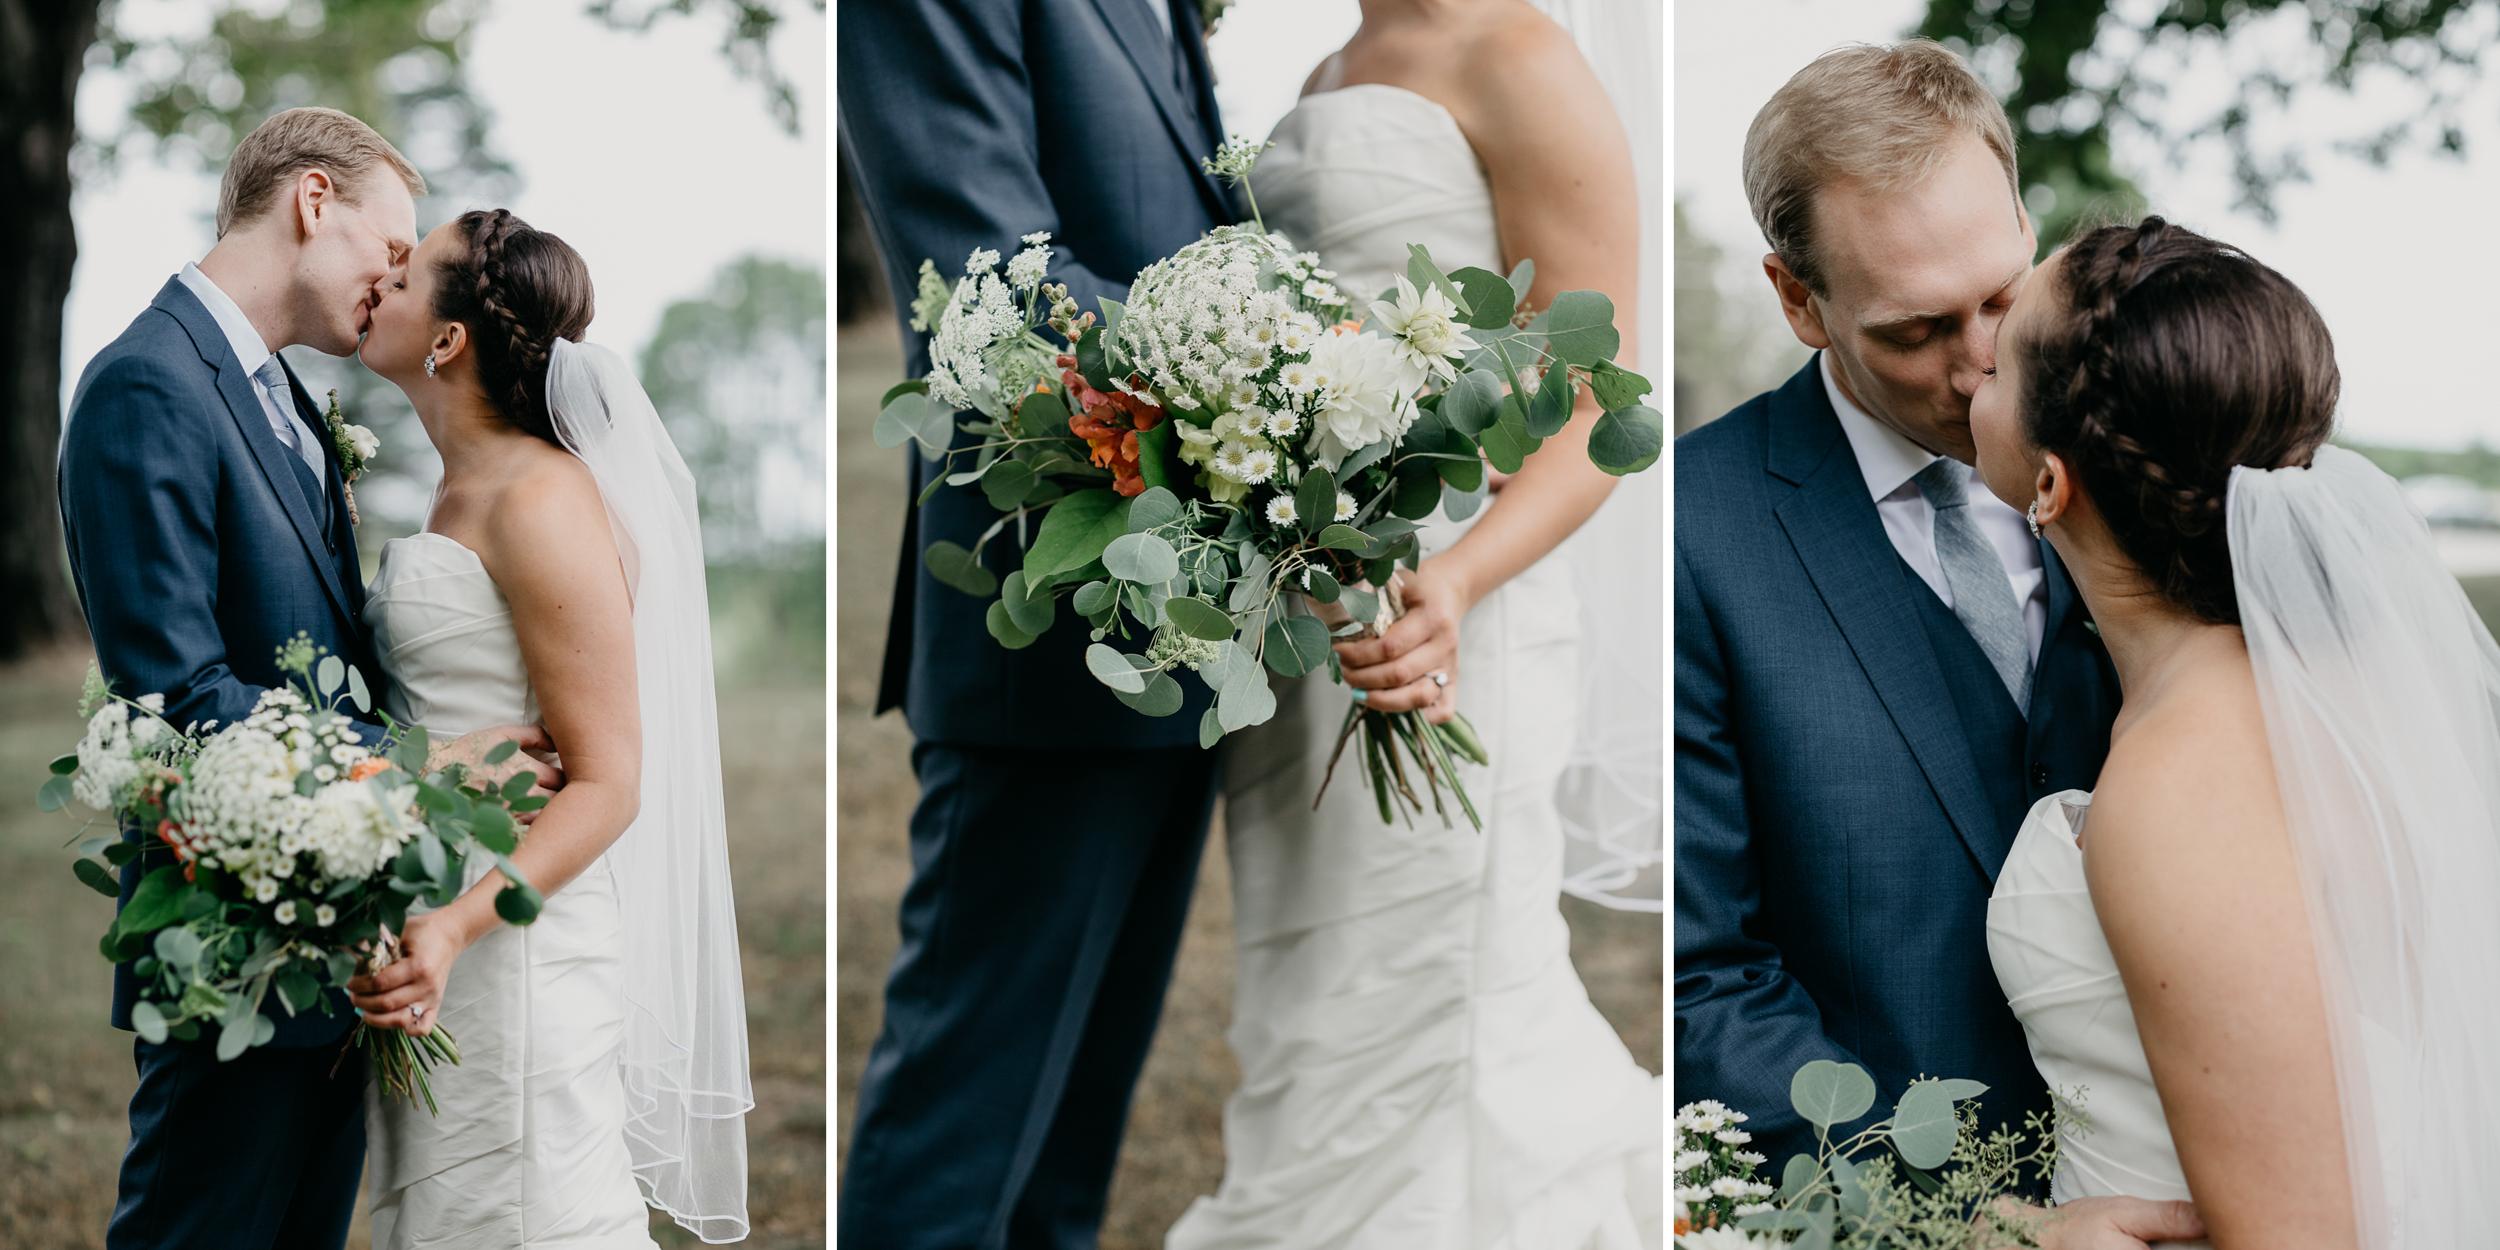 Jessie_Erik_Pownal_Maine_Wedding_William_allen_farm_011.jpg